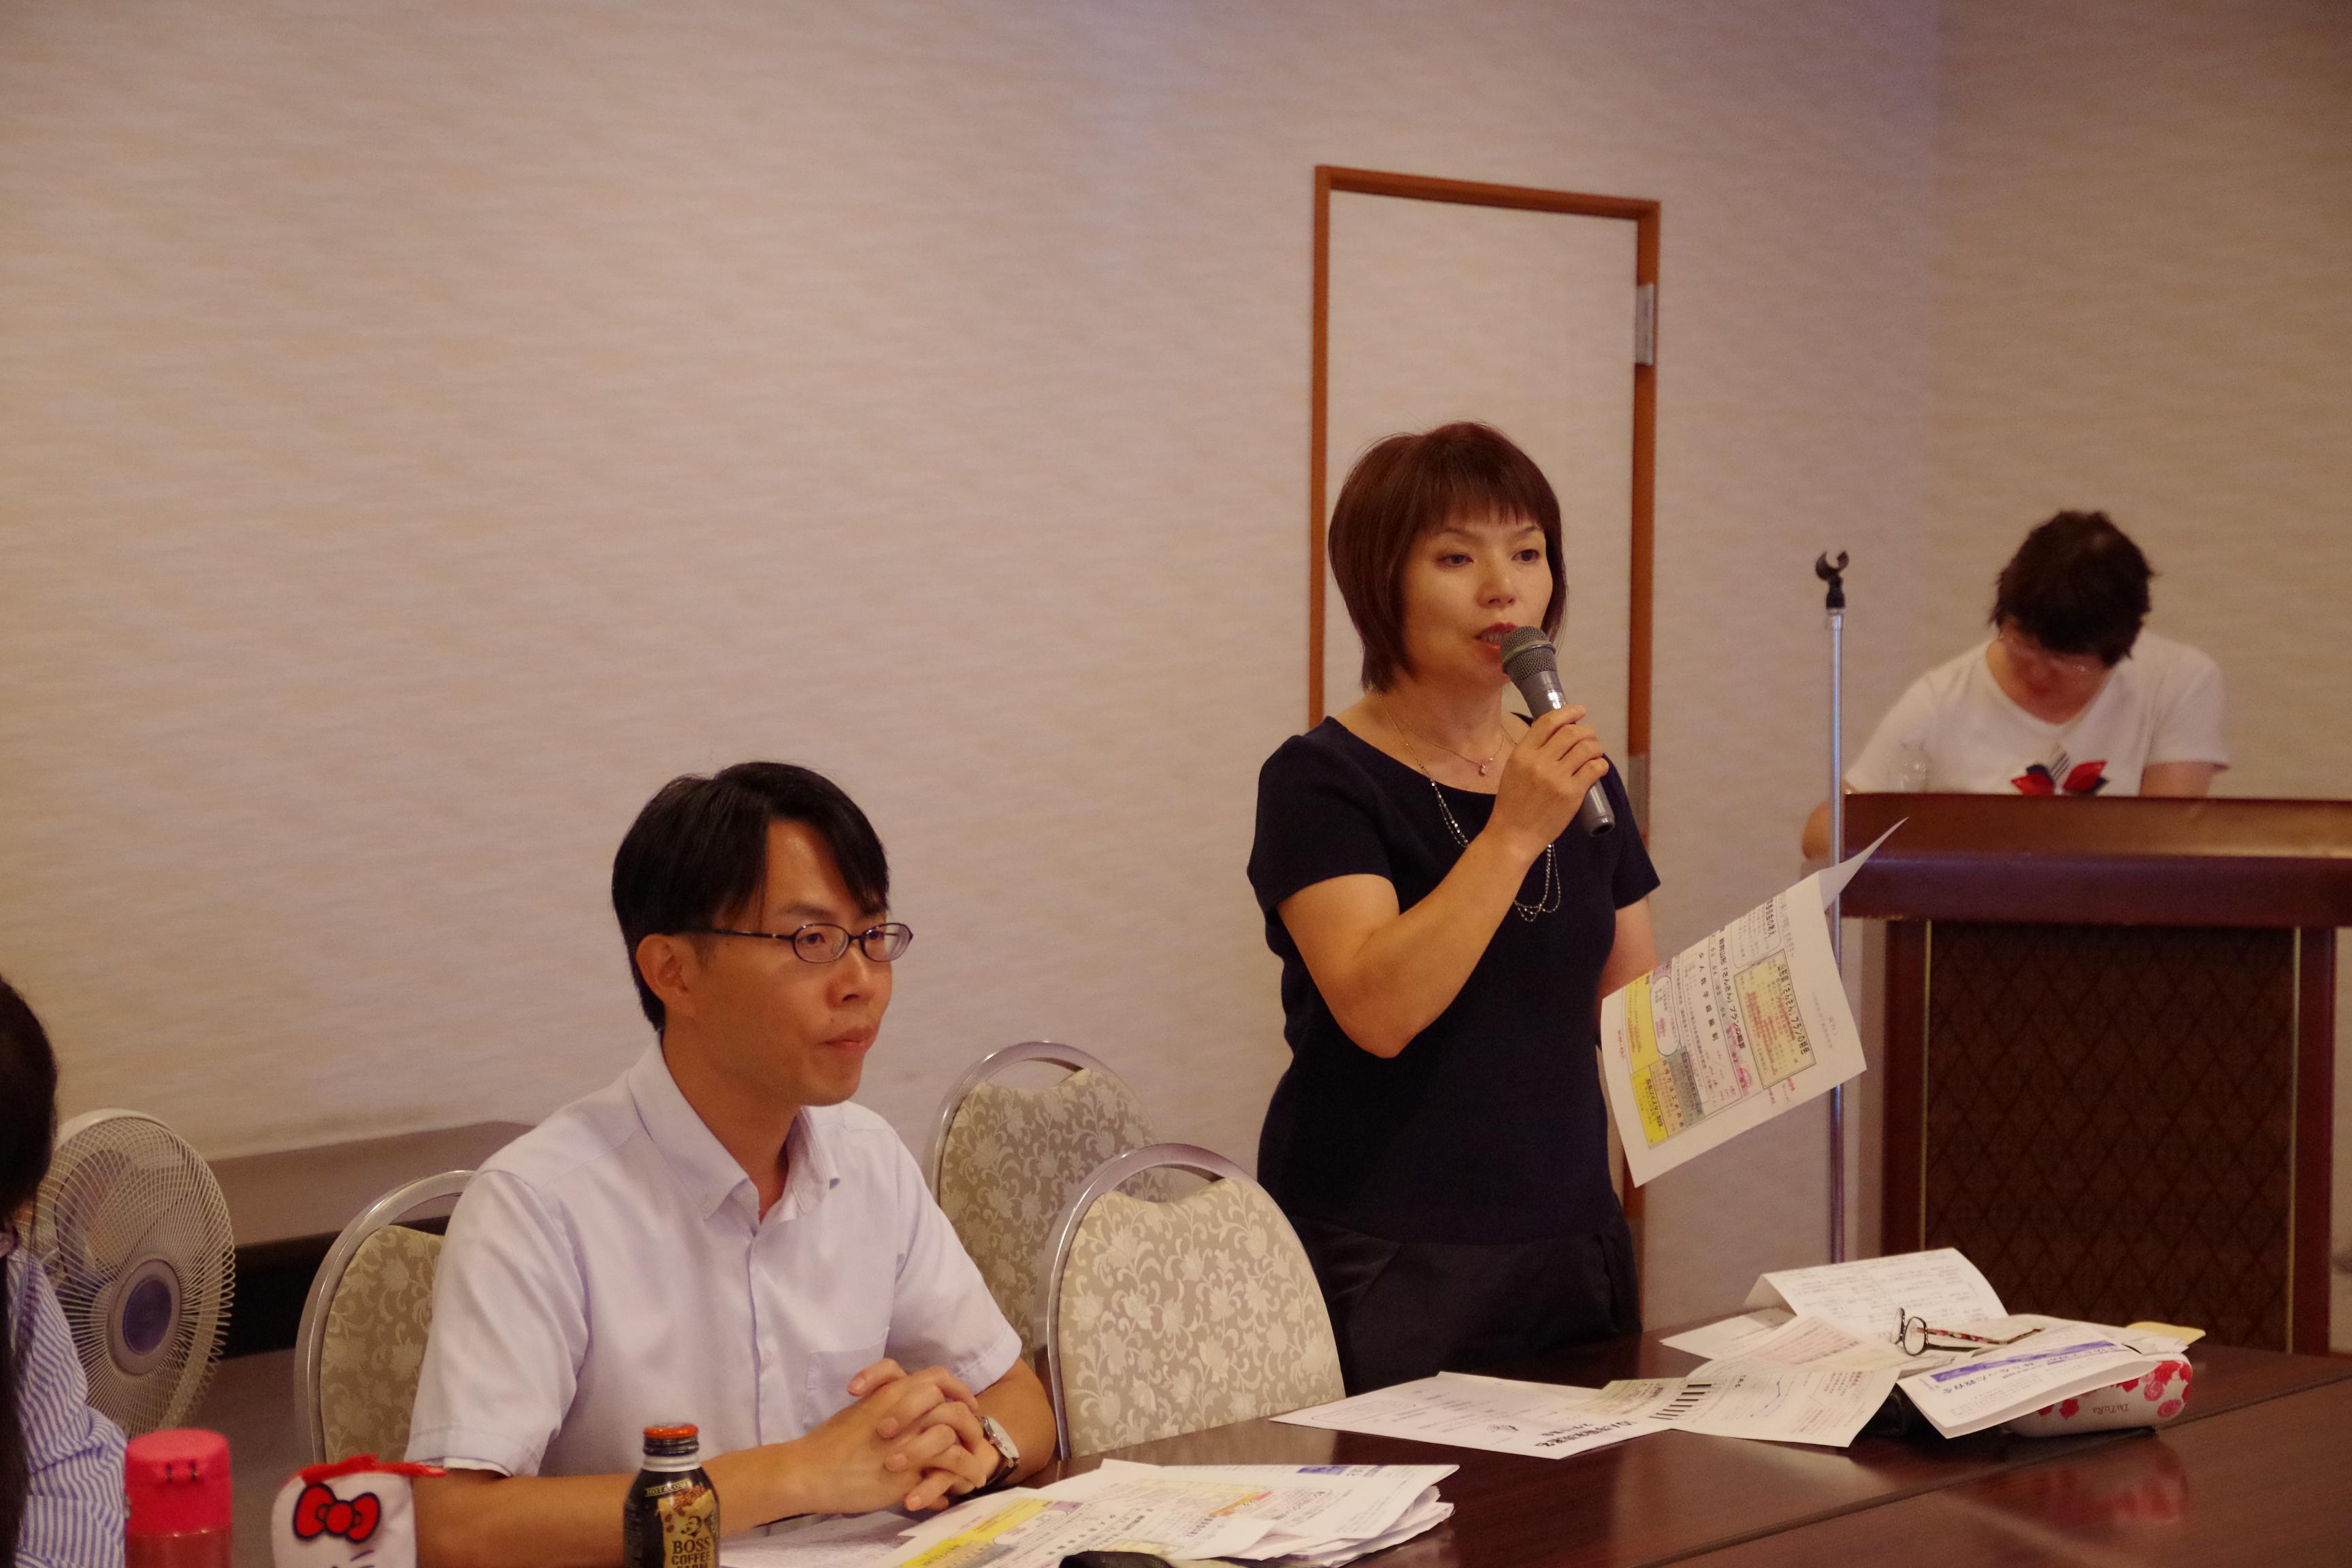 視察の報告をする戸島市議(右)と松村市議(左)